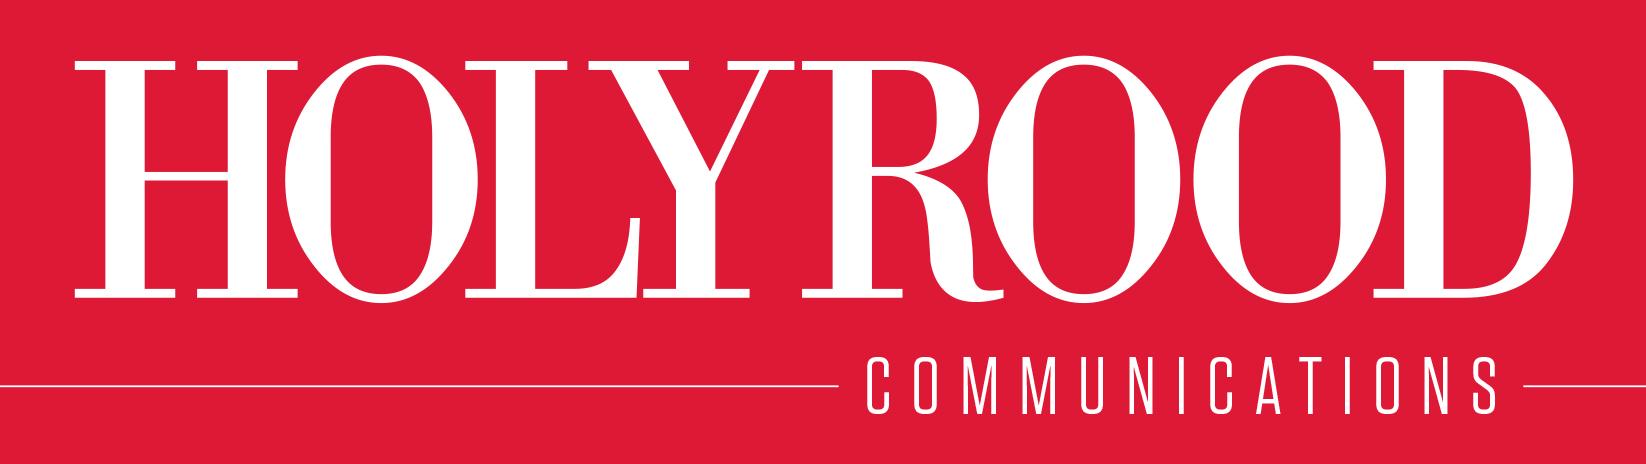 Media job: Magazine designer/production manager, Holyrood